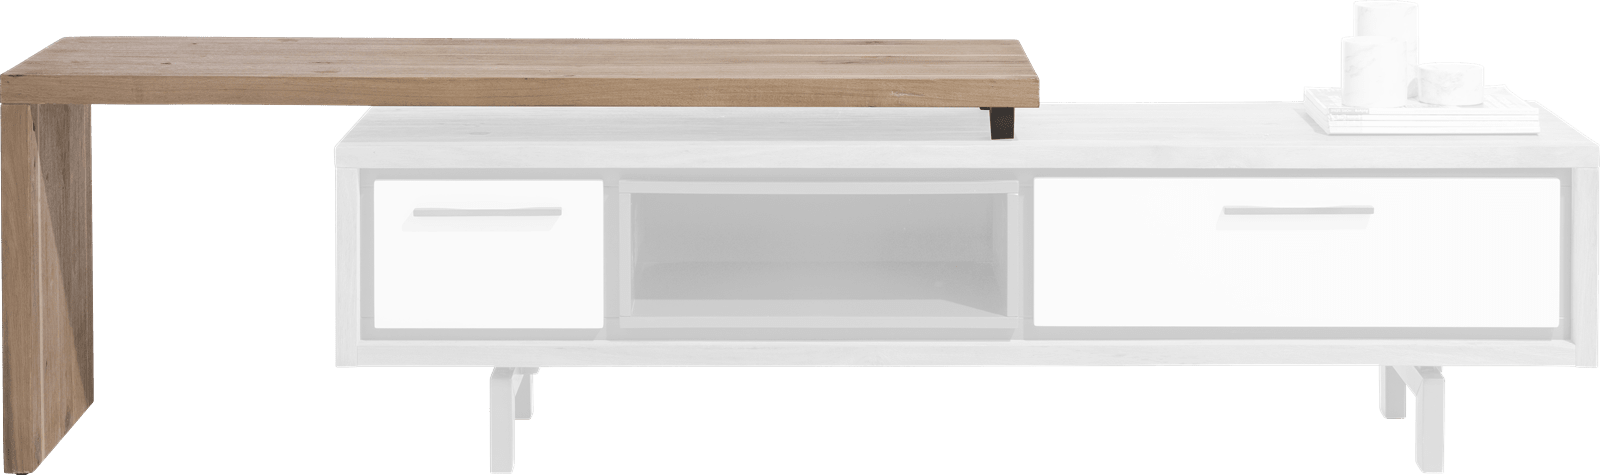 Otta - meuble tv avec plateau pivotante 140 cm - a monter